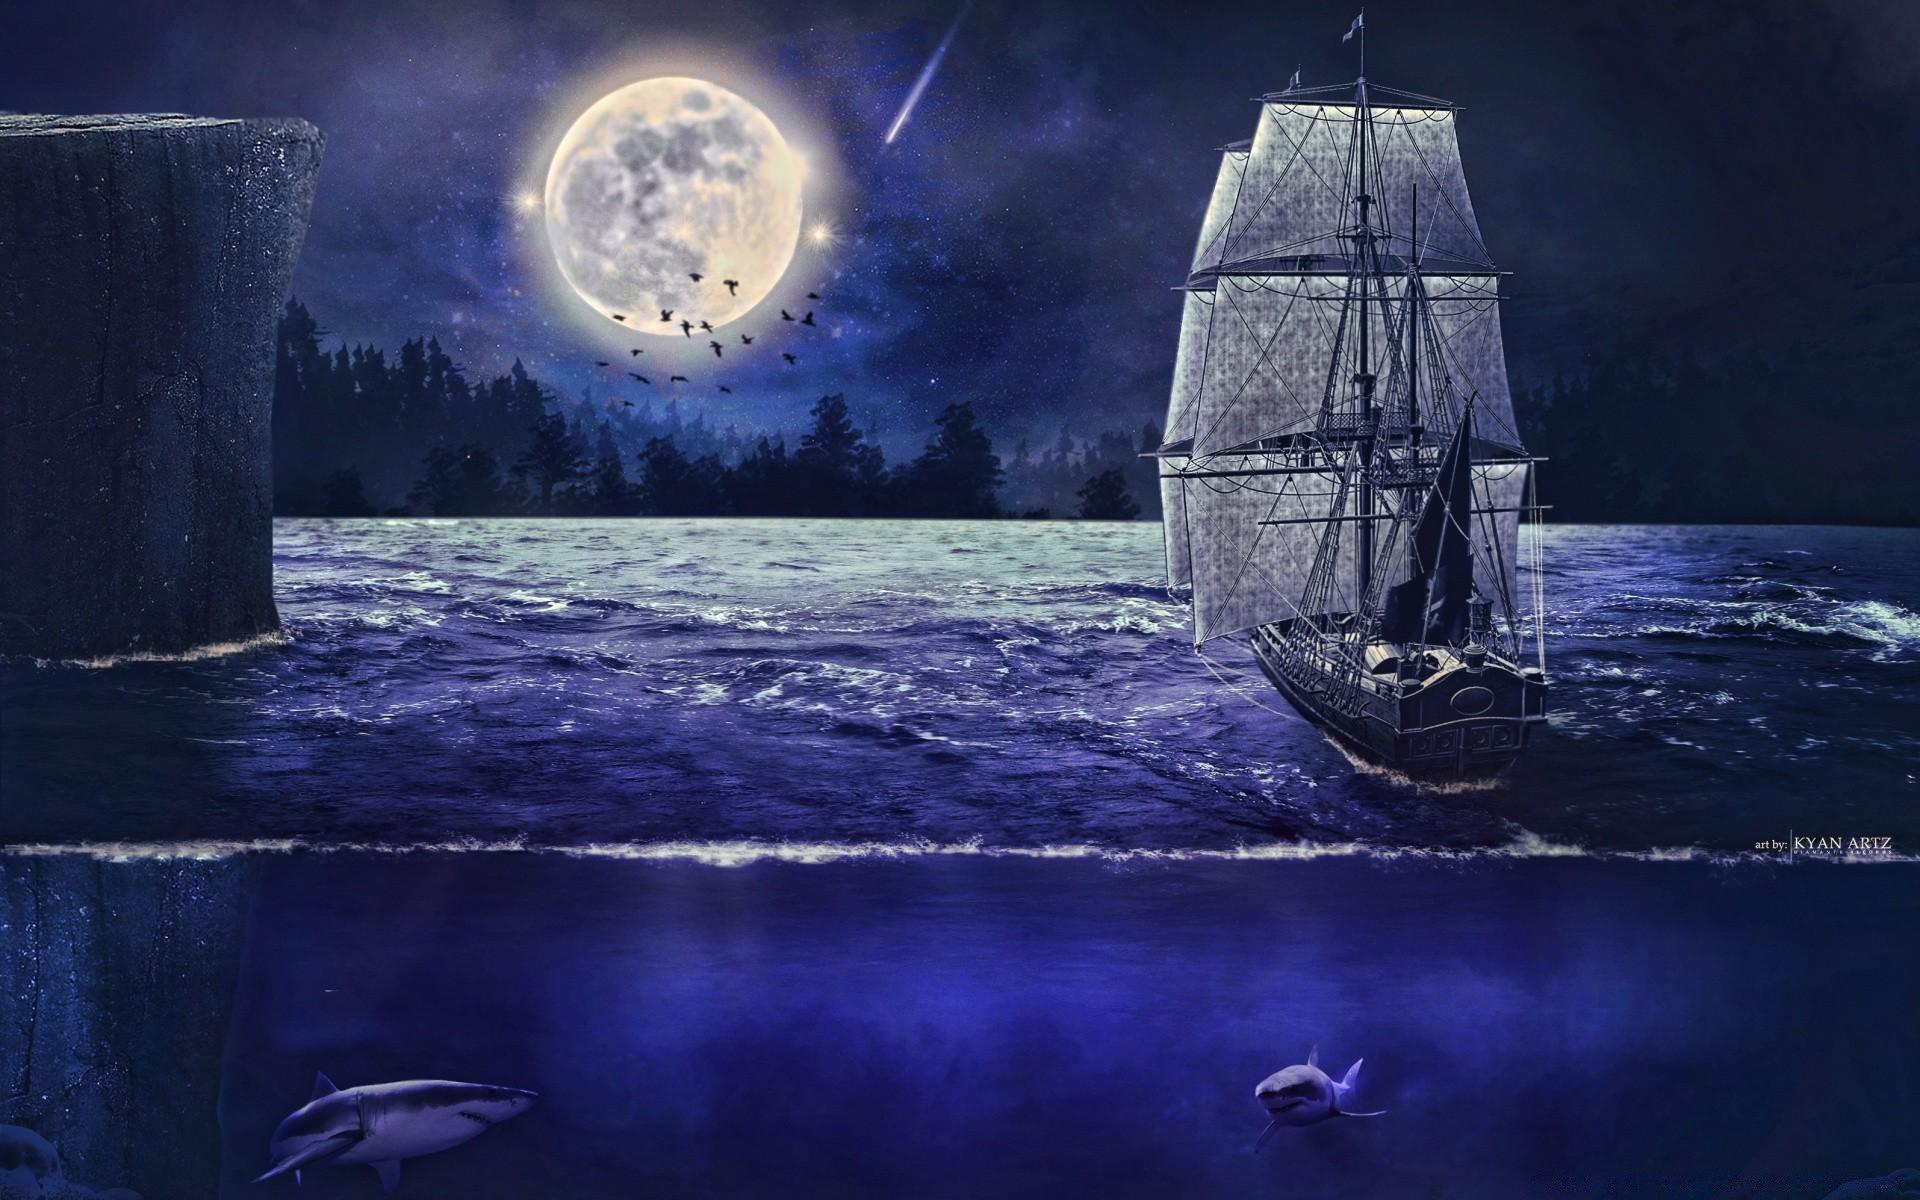 картинки на телефон океан с луной и кораблями этим